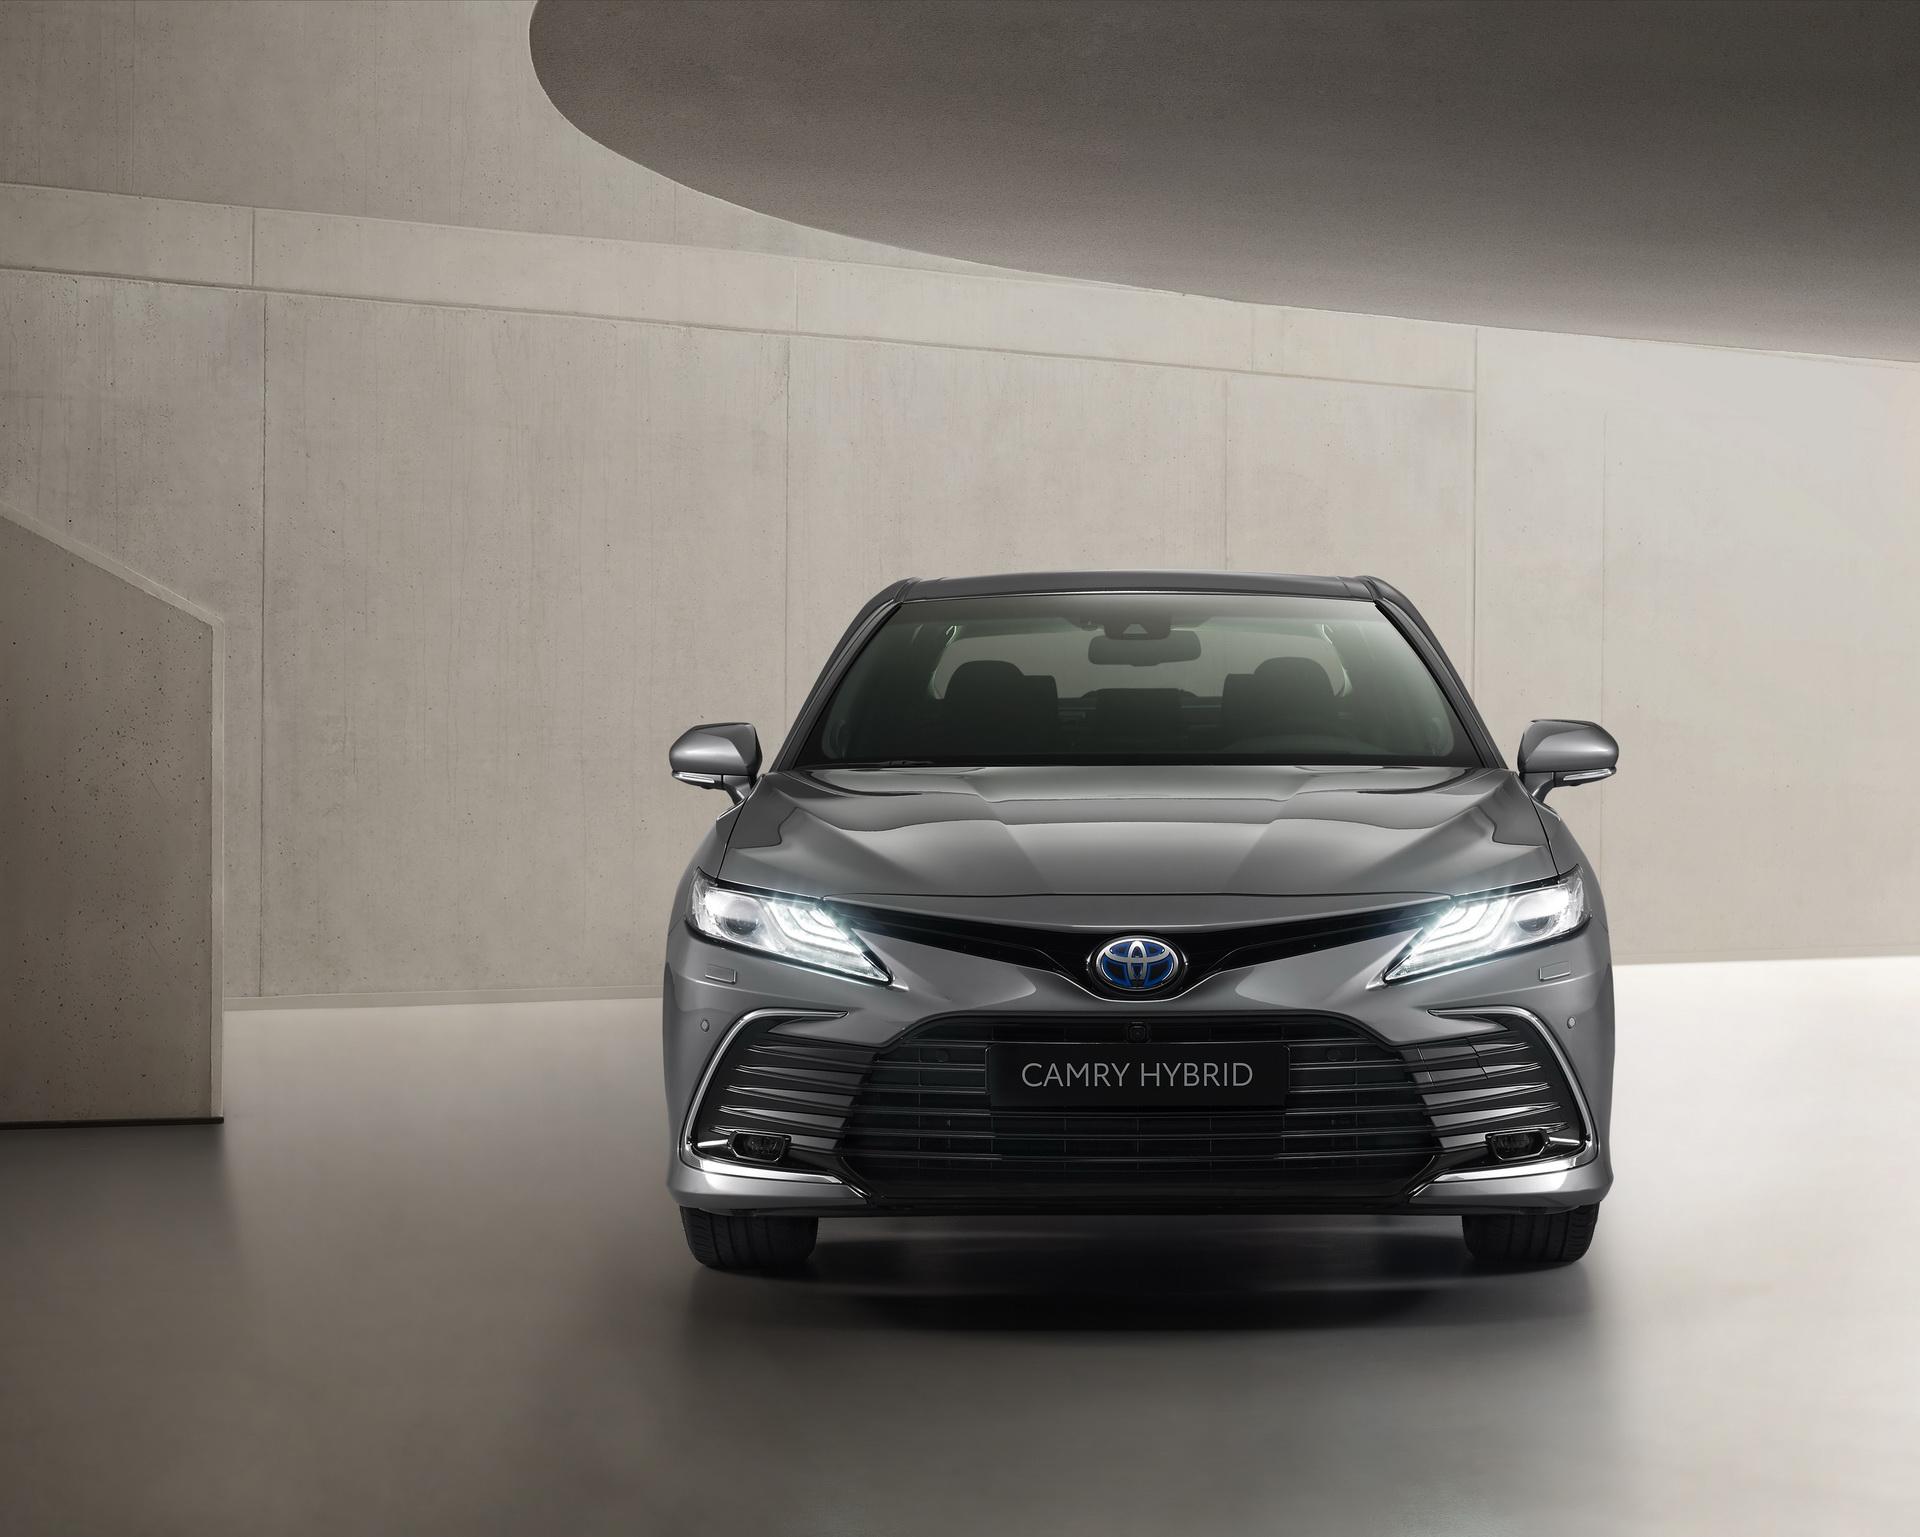 Toyota Camry Hybrid 2021 ra mắt: Nâng cấp về thiết kế và trang bị